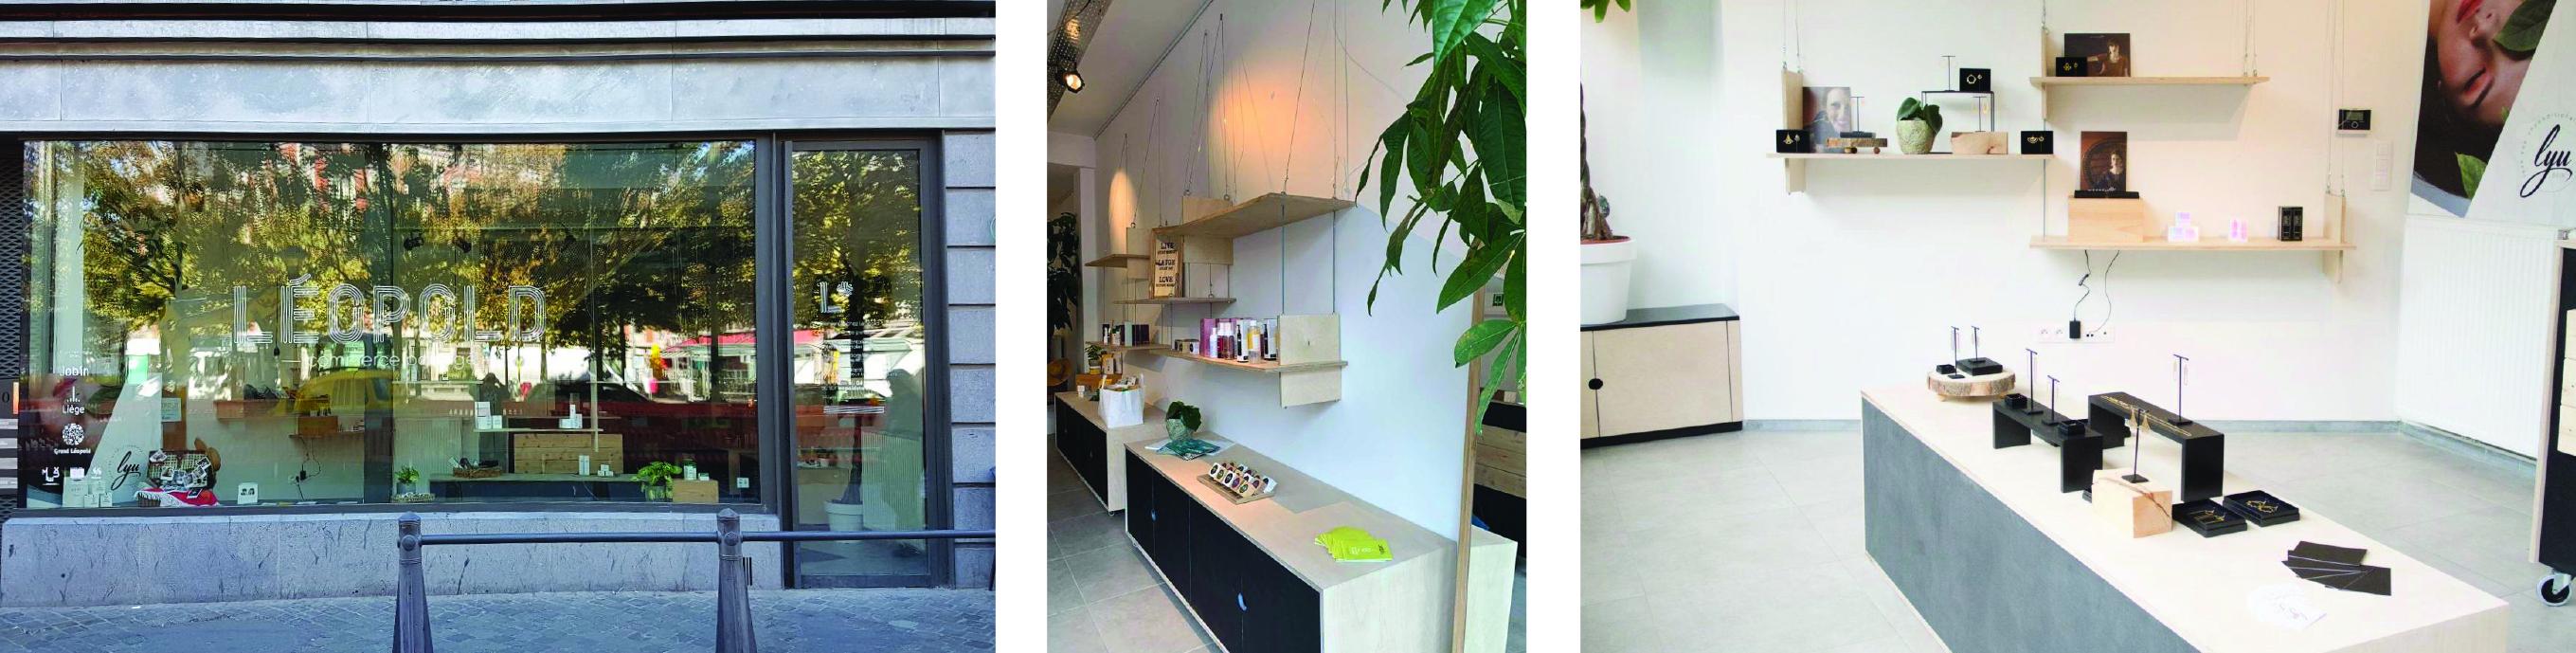 Kiburi - le concept store dédié aux cheveux crépus, frisés et bouclés au naturel